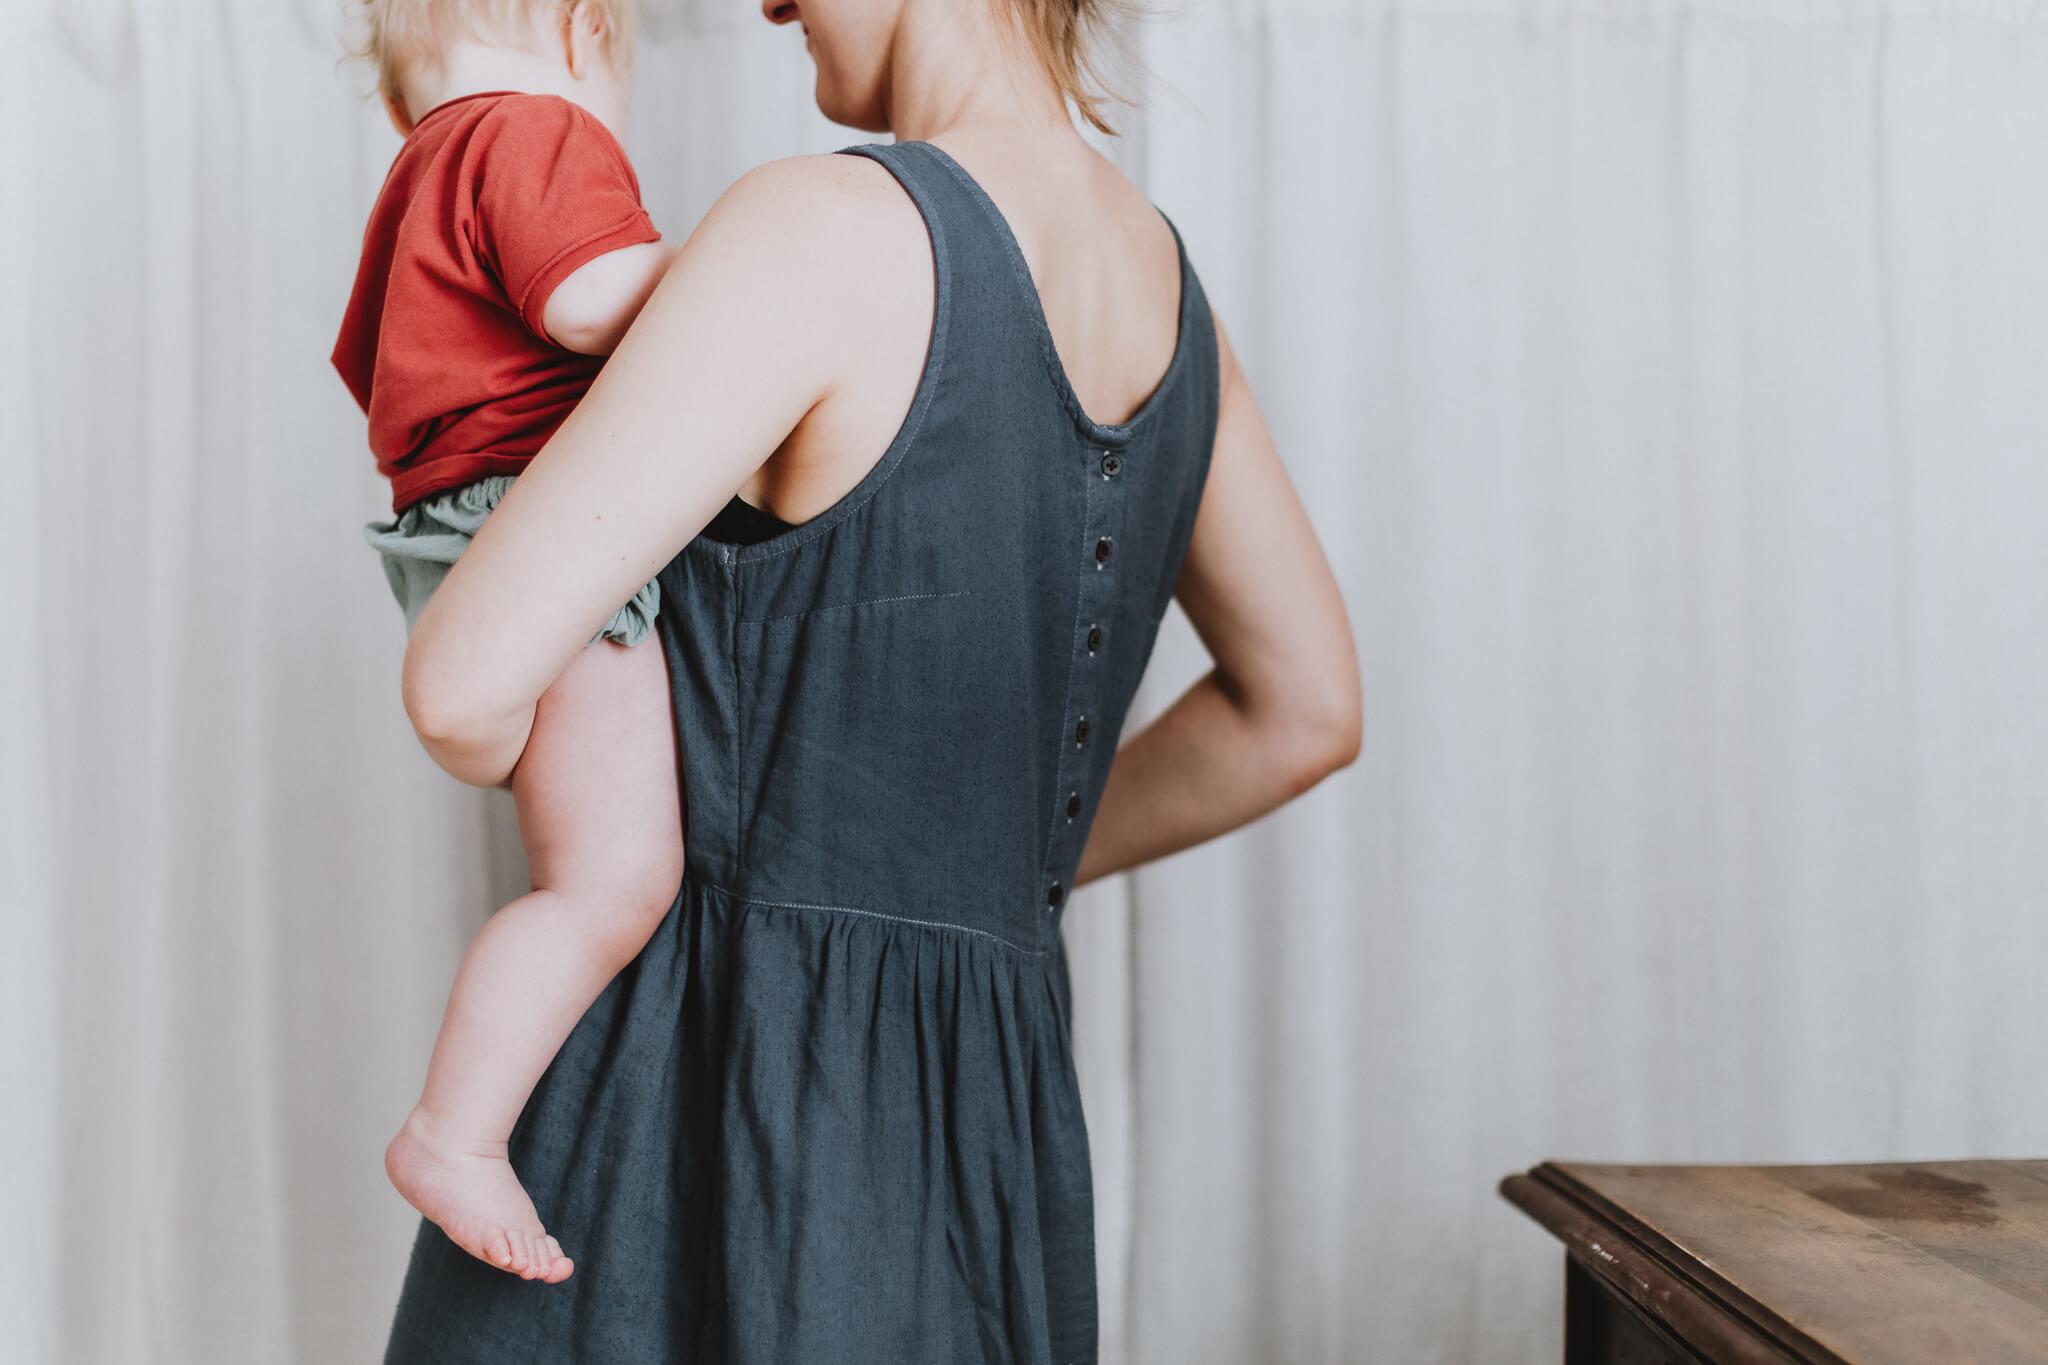 Detailsem foto emast, kes hoiab last oma süles.